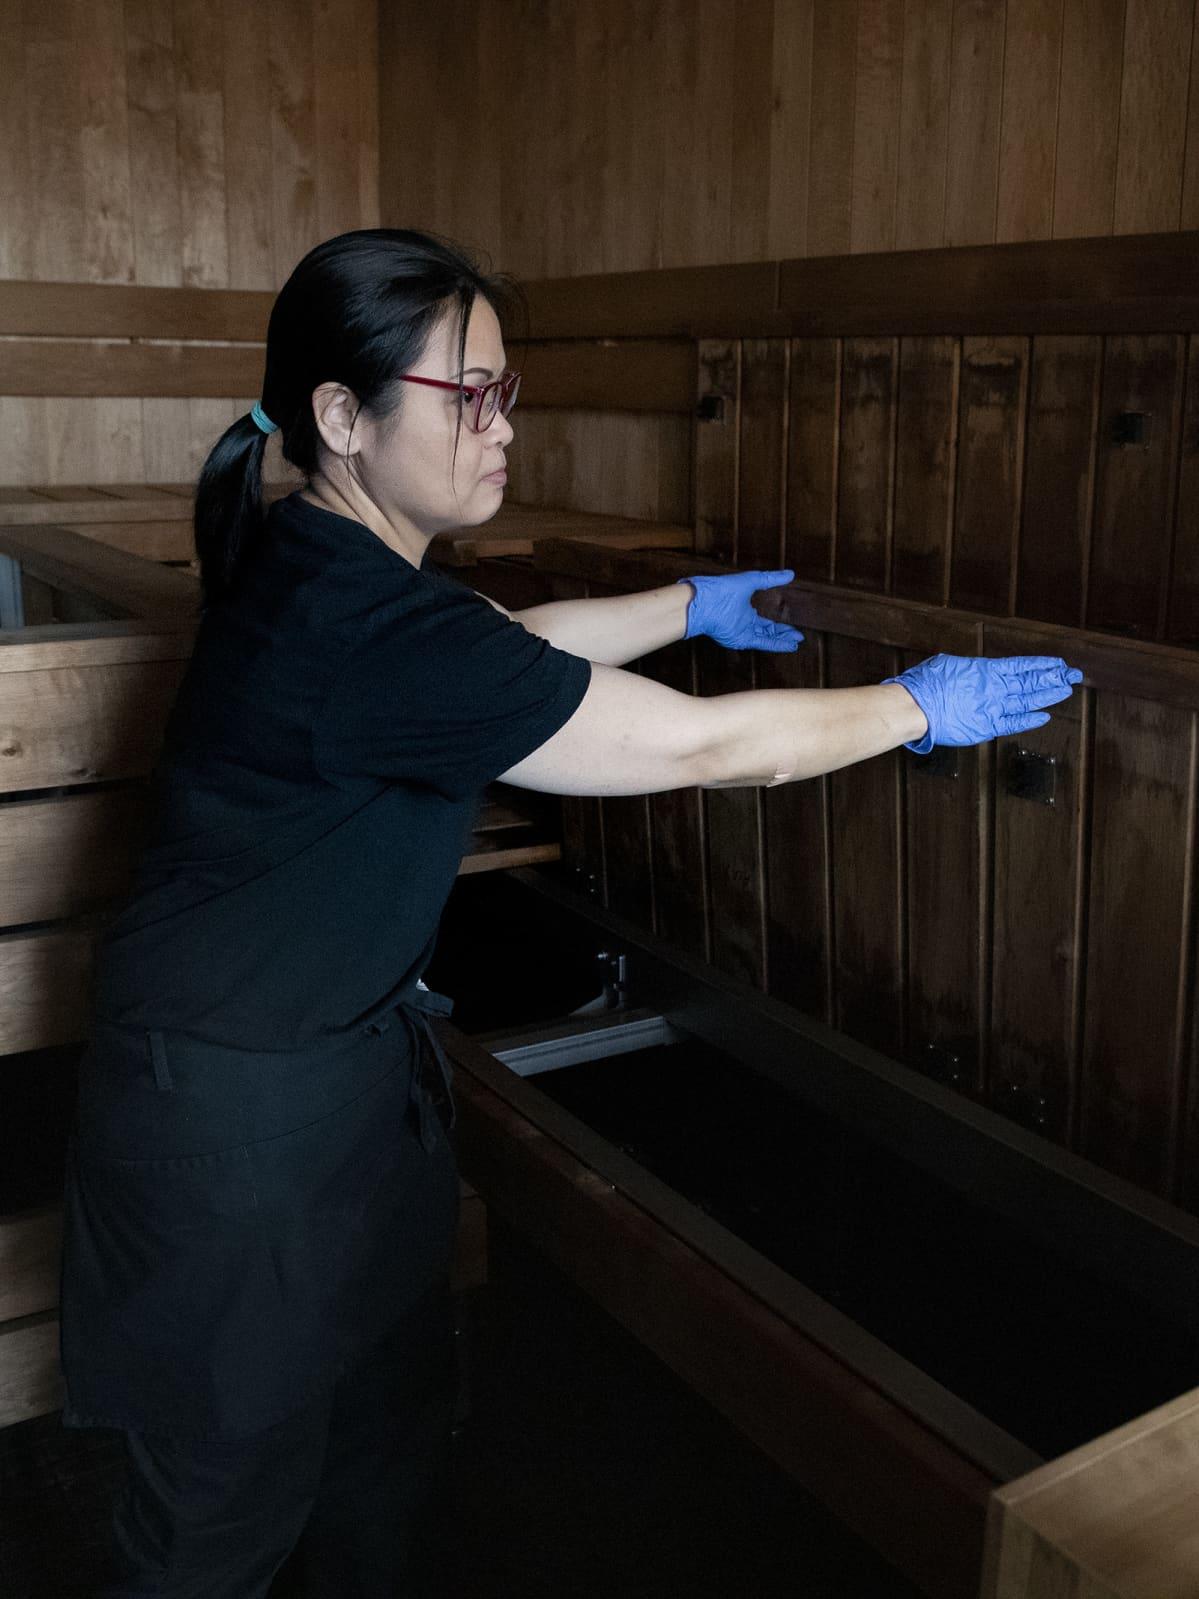 Siivooja nostaa hotellin saunan lauteet ylös pestäkseen lauteiden alapinnat.